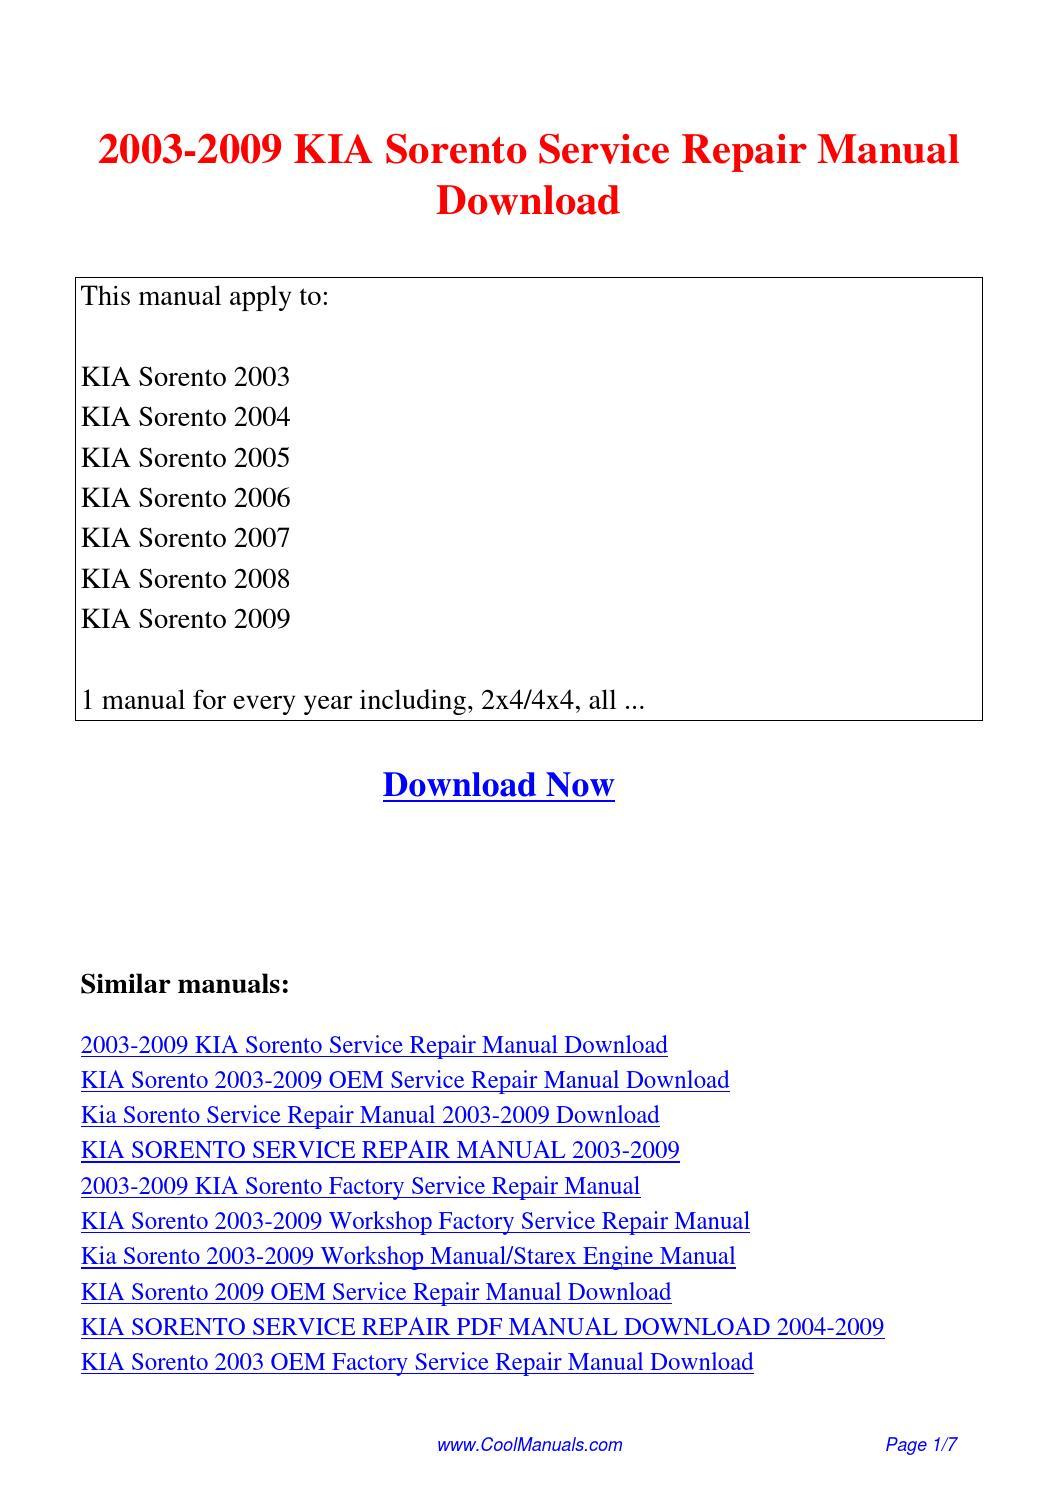 95c3 Honda Crf150f Digital Workshop Repair Manual 2003 2012 Wiring Library